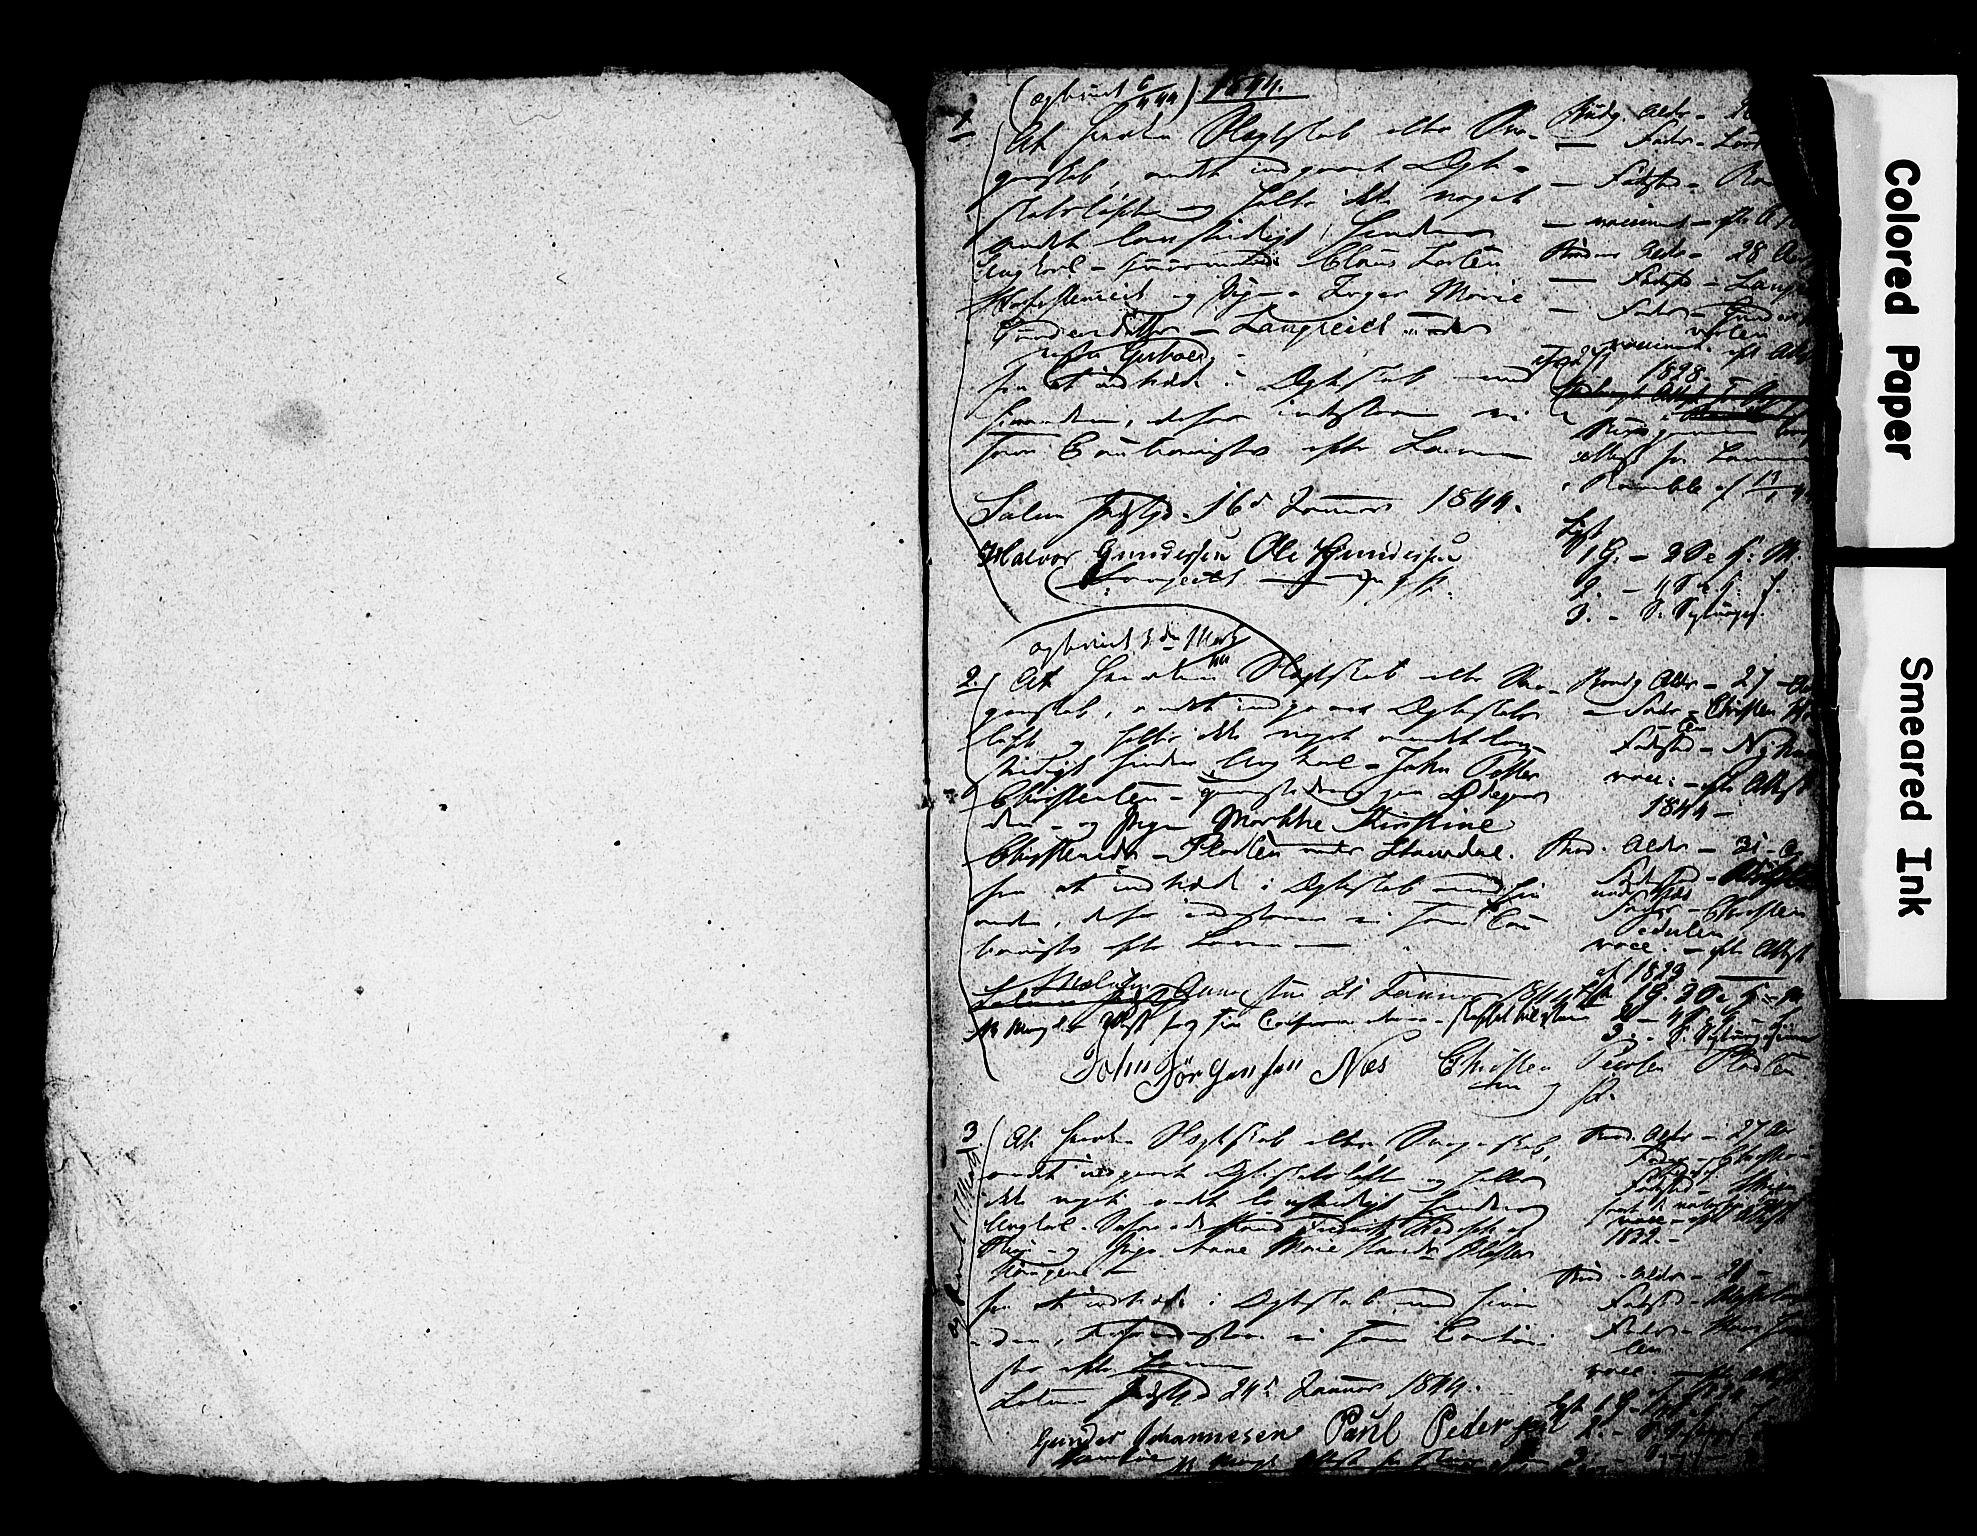 SAKO, Solum kirkebøker, H/Hc/L0002: Forlovererklæringer nr. 2, 1844-1846